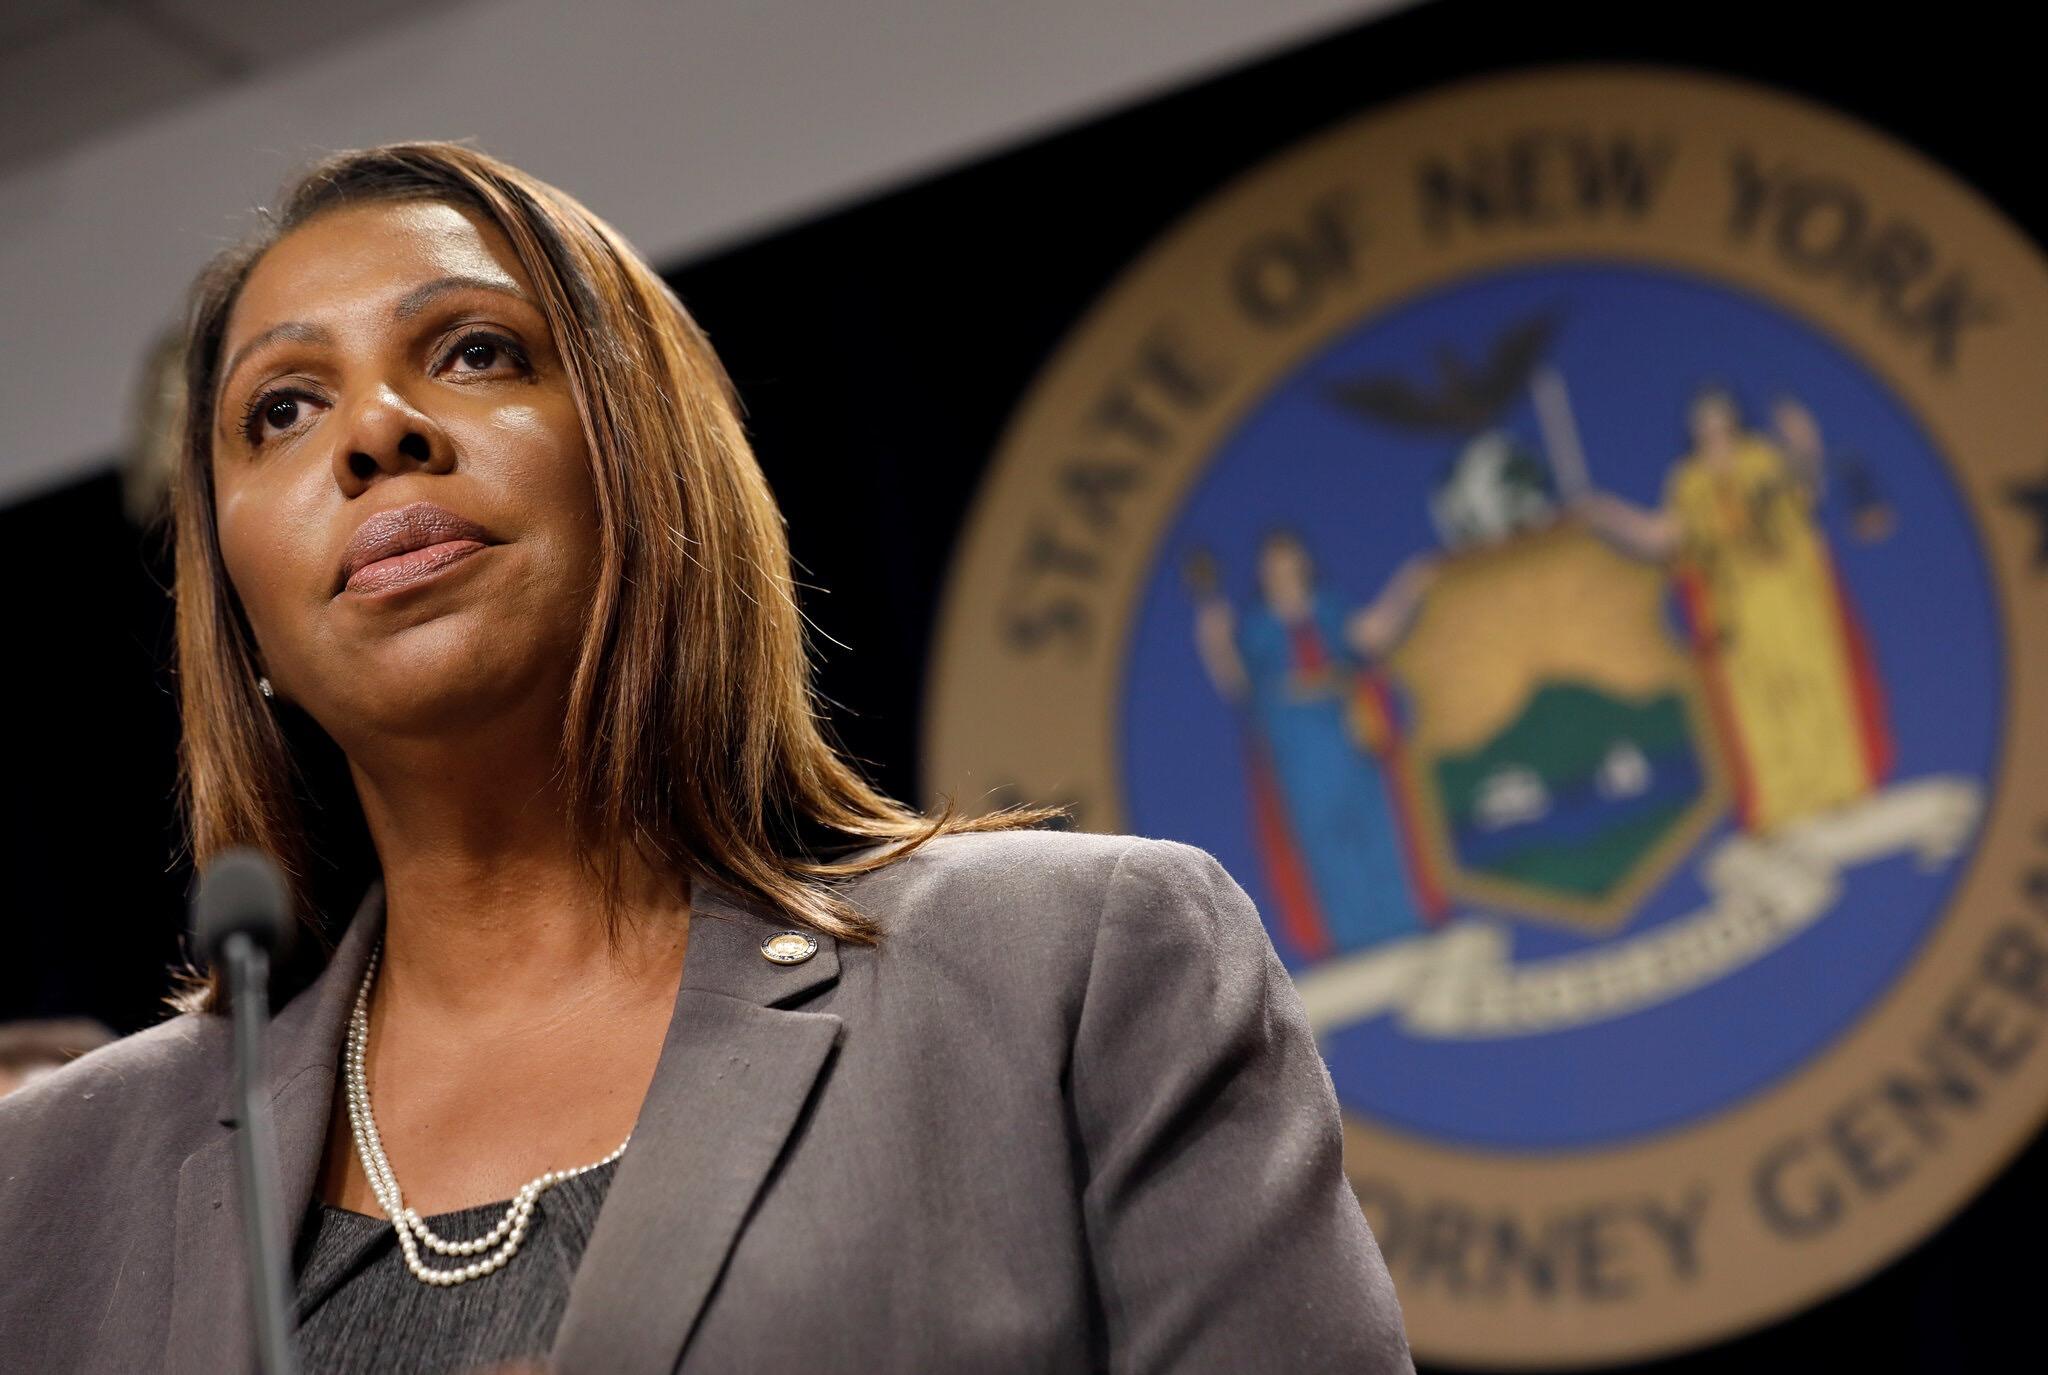 纽约总检察长提起诉讼 要求解散美步枪协会